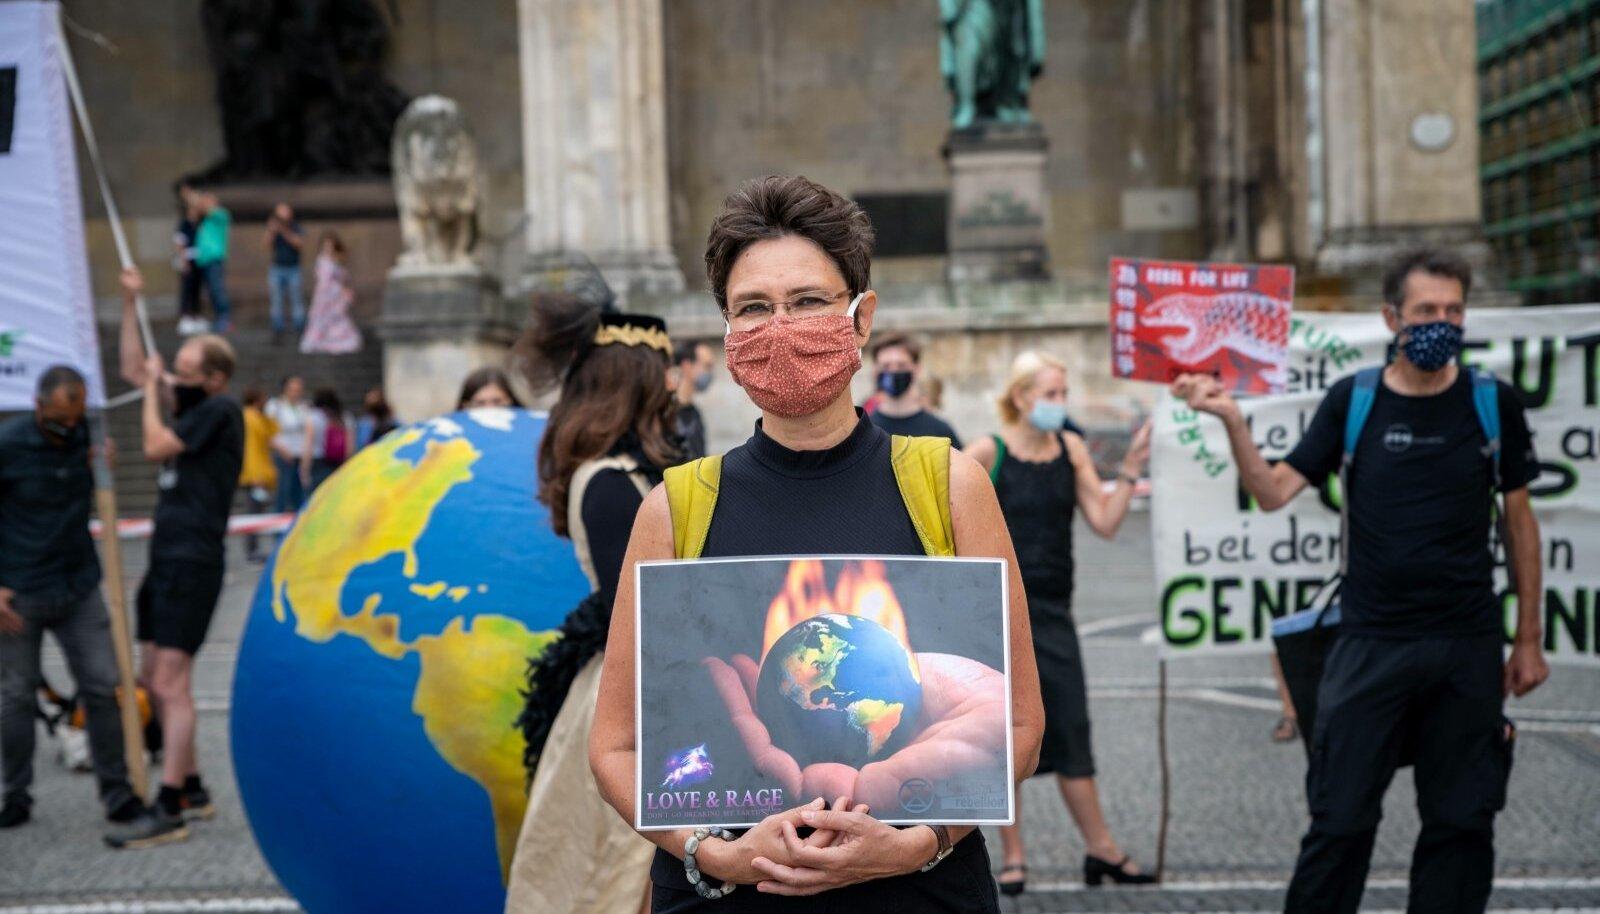 Igal aastal korraldavad keskkonnasõbrad ületarbimispäeval suurlinnades meeleavaldusi, et loodusressursside liigtarbimisele tähelepanu tõmmata.